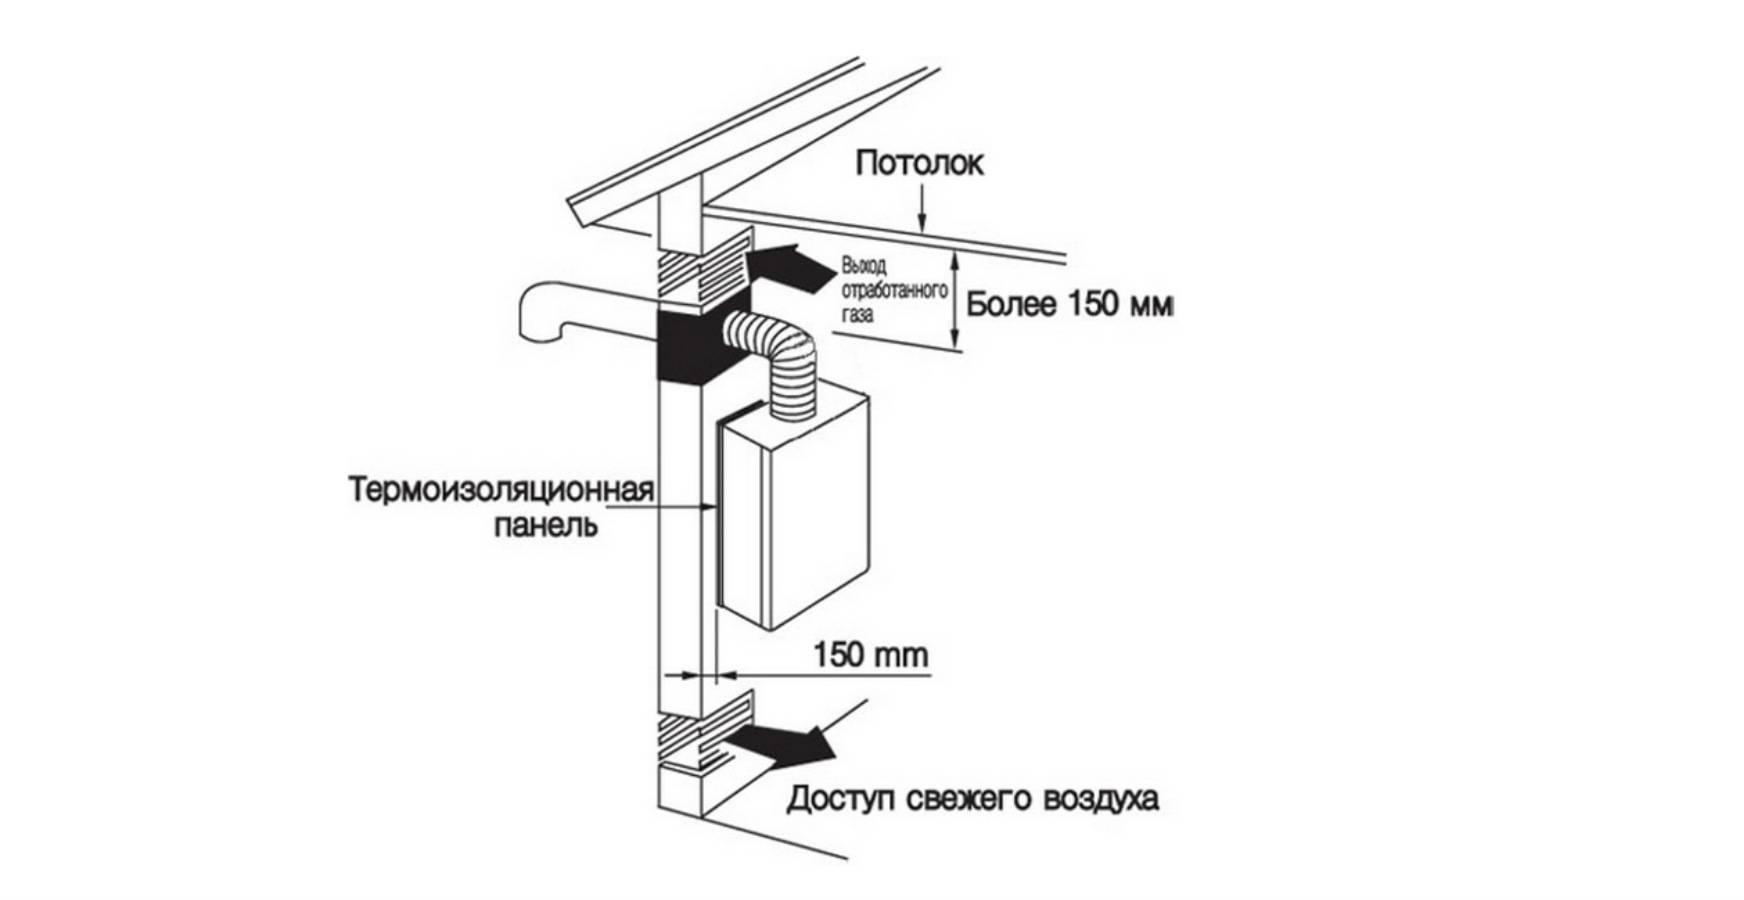 Вентиляция в котельной частного дома: нормы для газового котла и устройство вентканалов